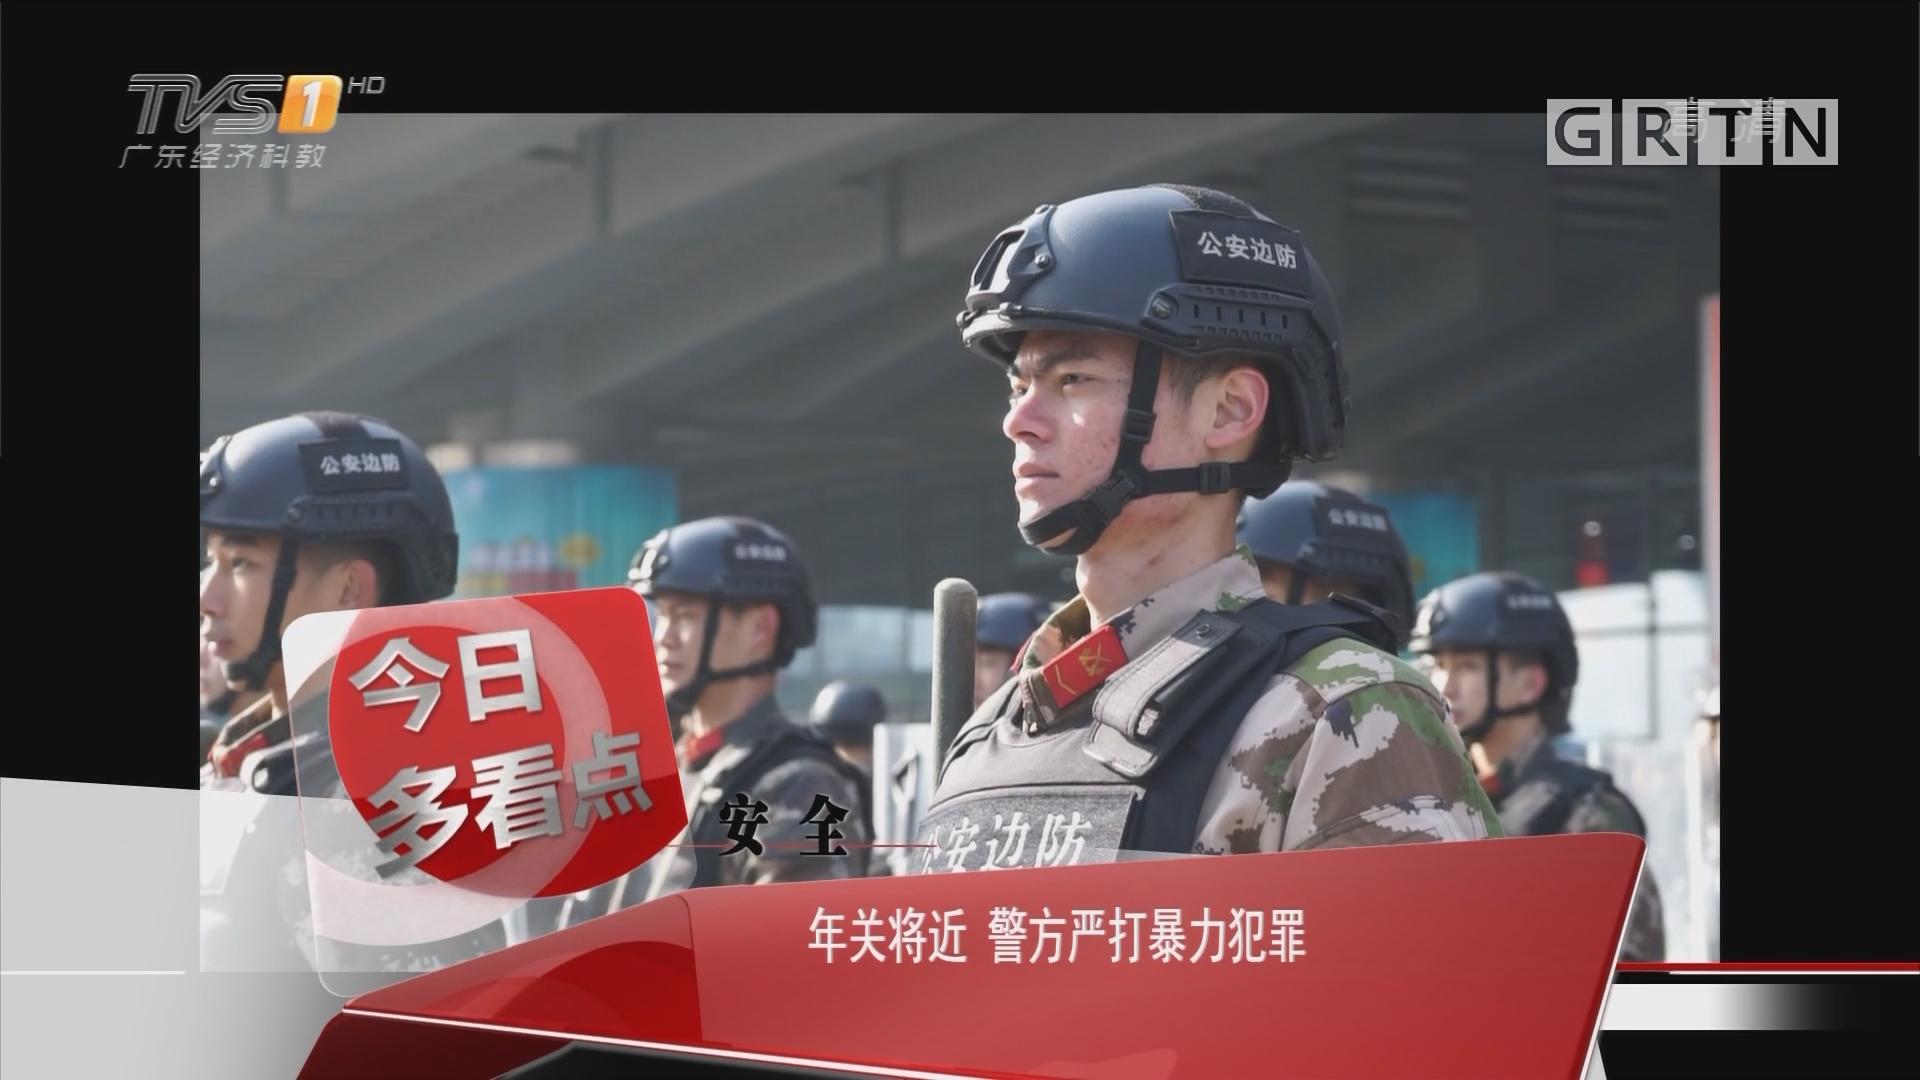 安全:年关将近 警方严打暴力犯罪